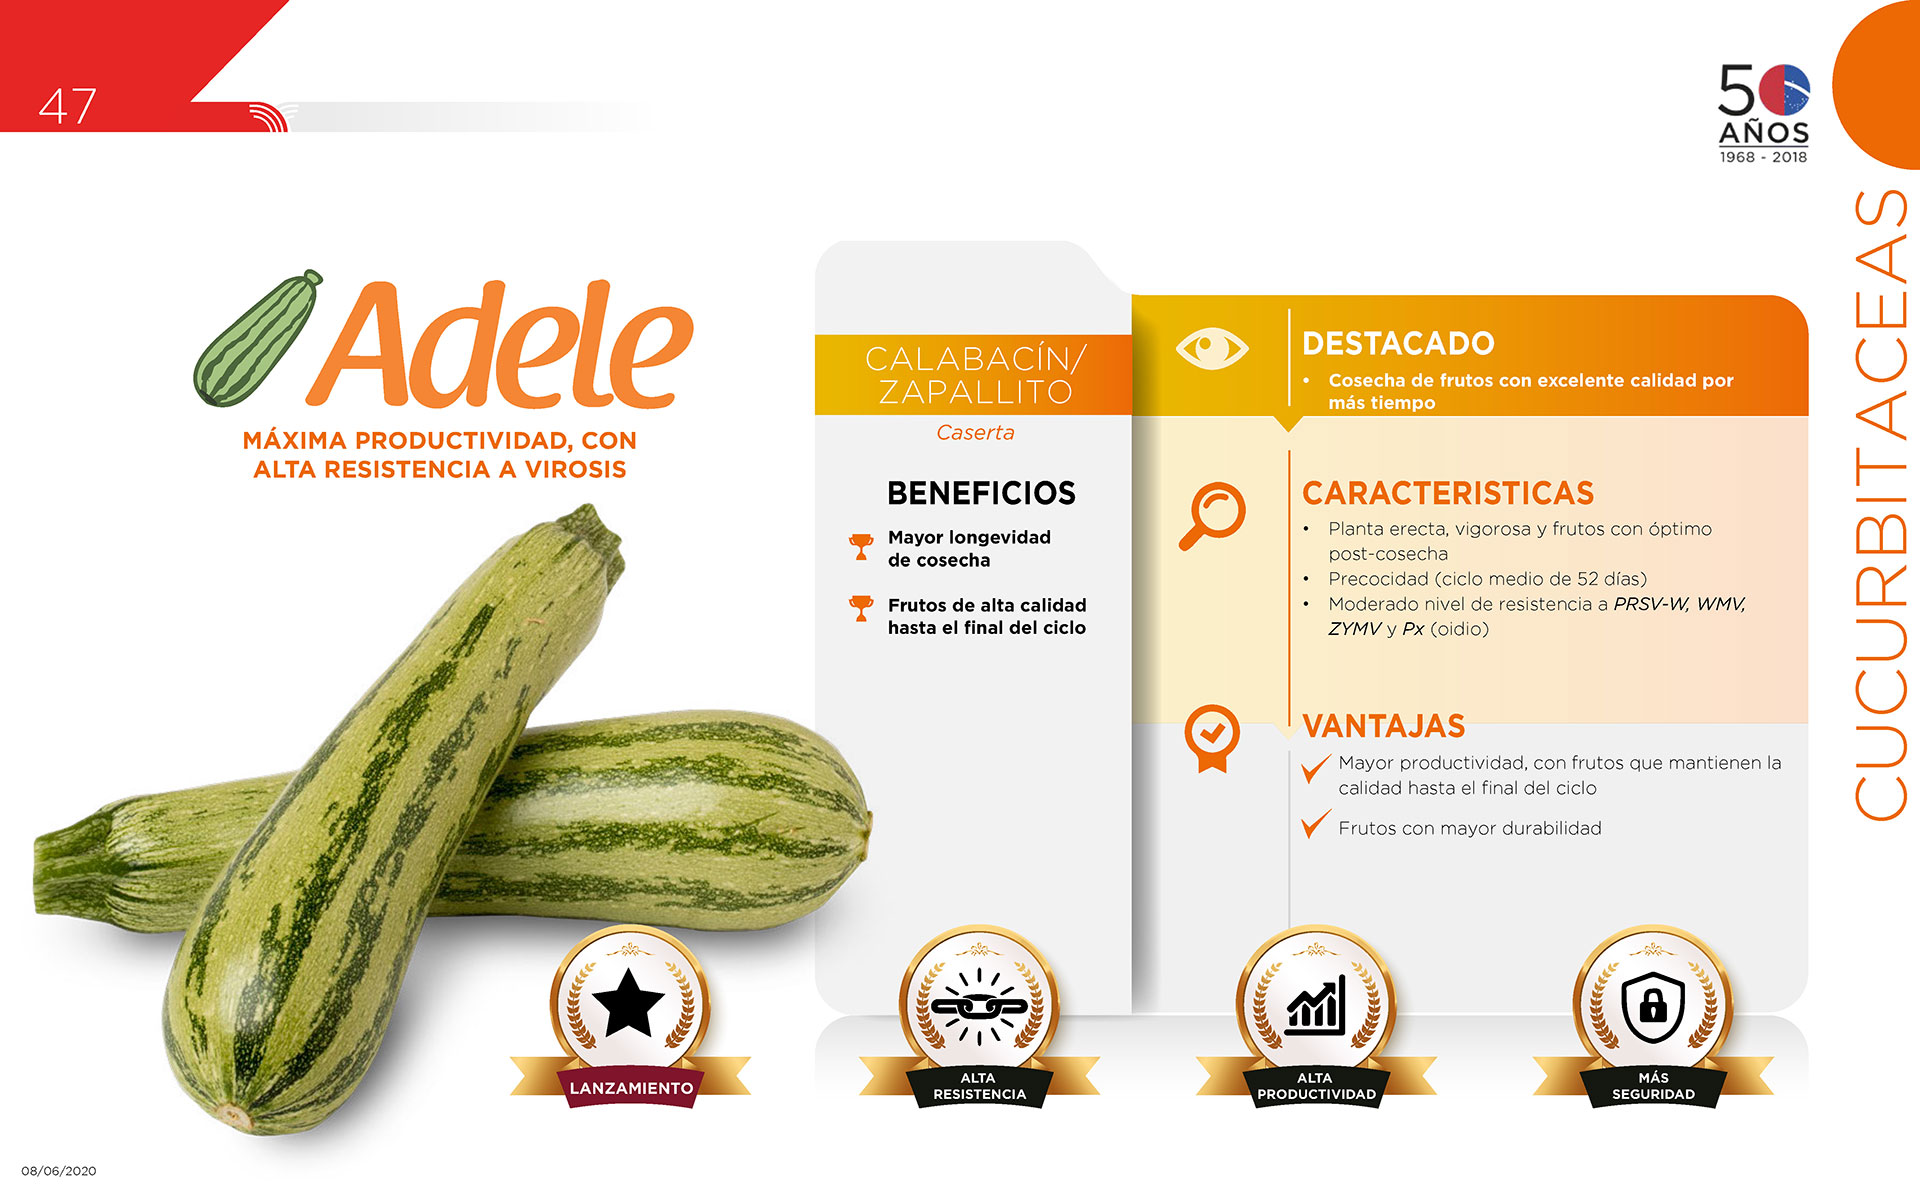 Adele - Cucurbitaceas